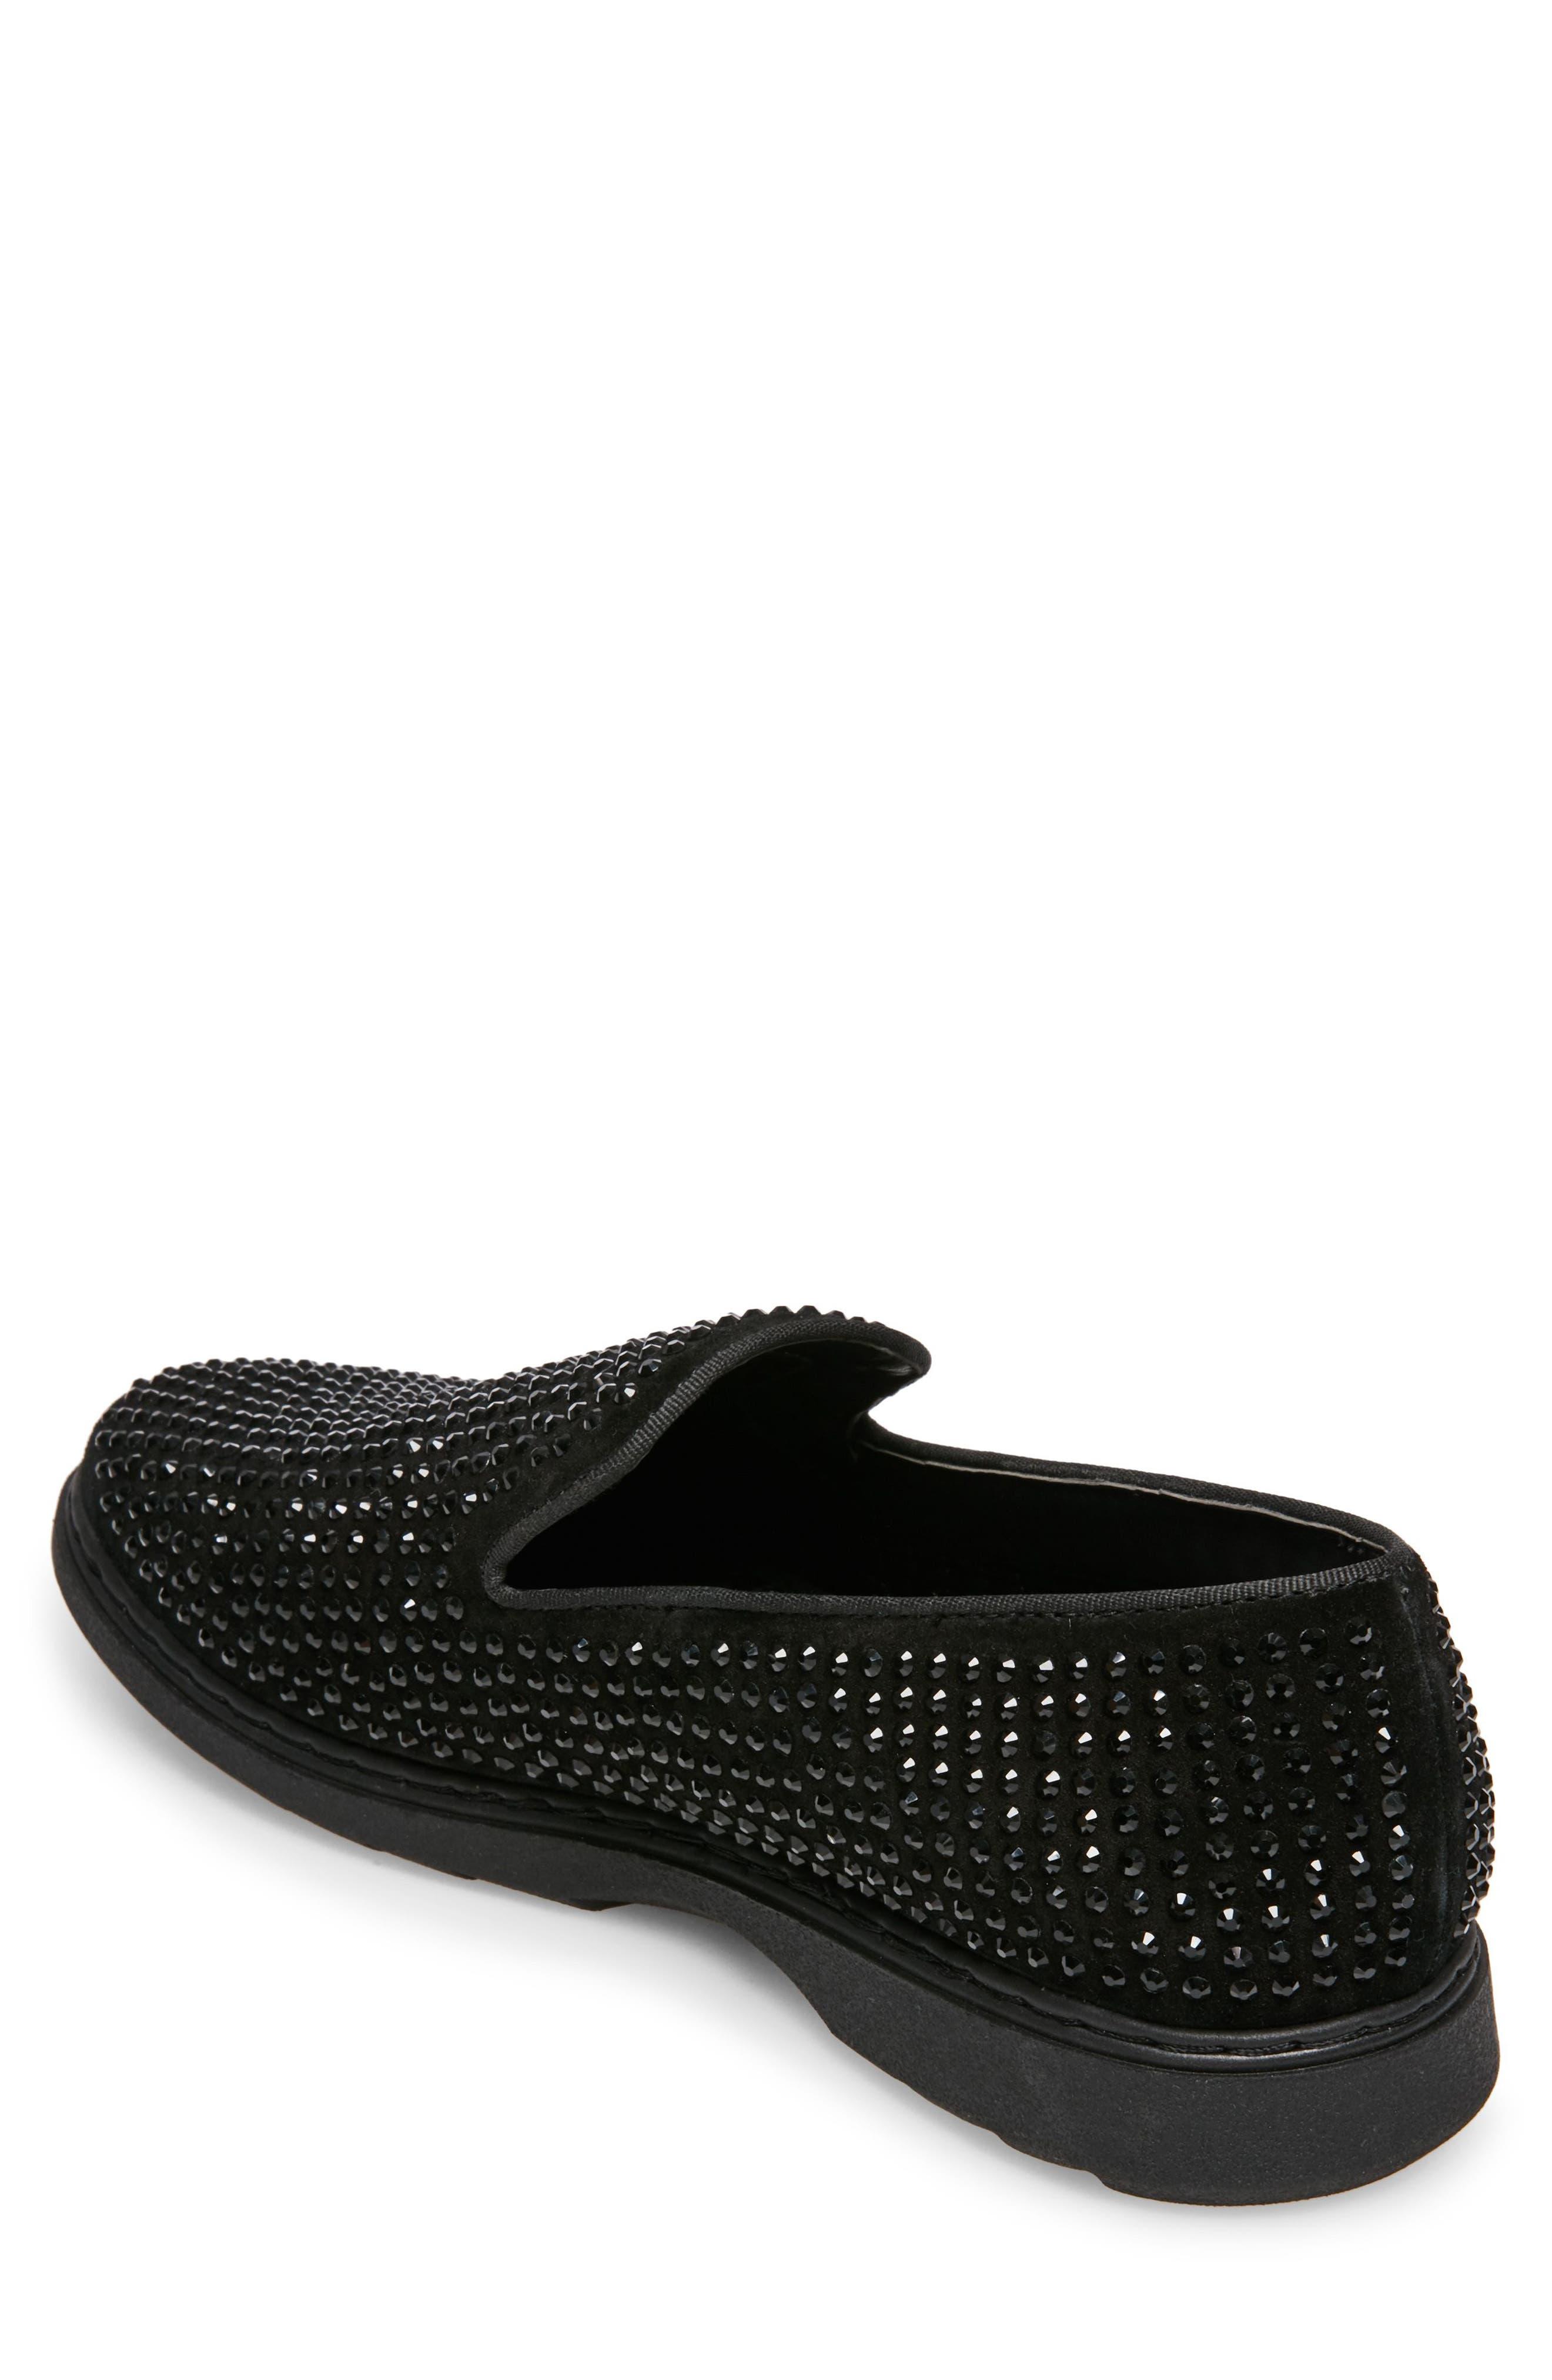 Grinder Embellished Venetian Loafer,                             Alternate thumbnail 2, color,                             BLACK LEATHER